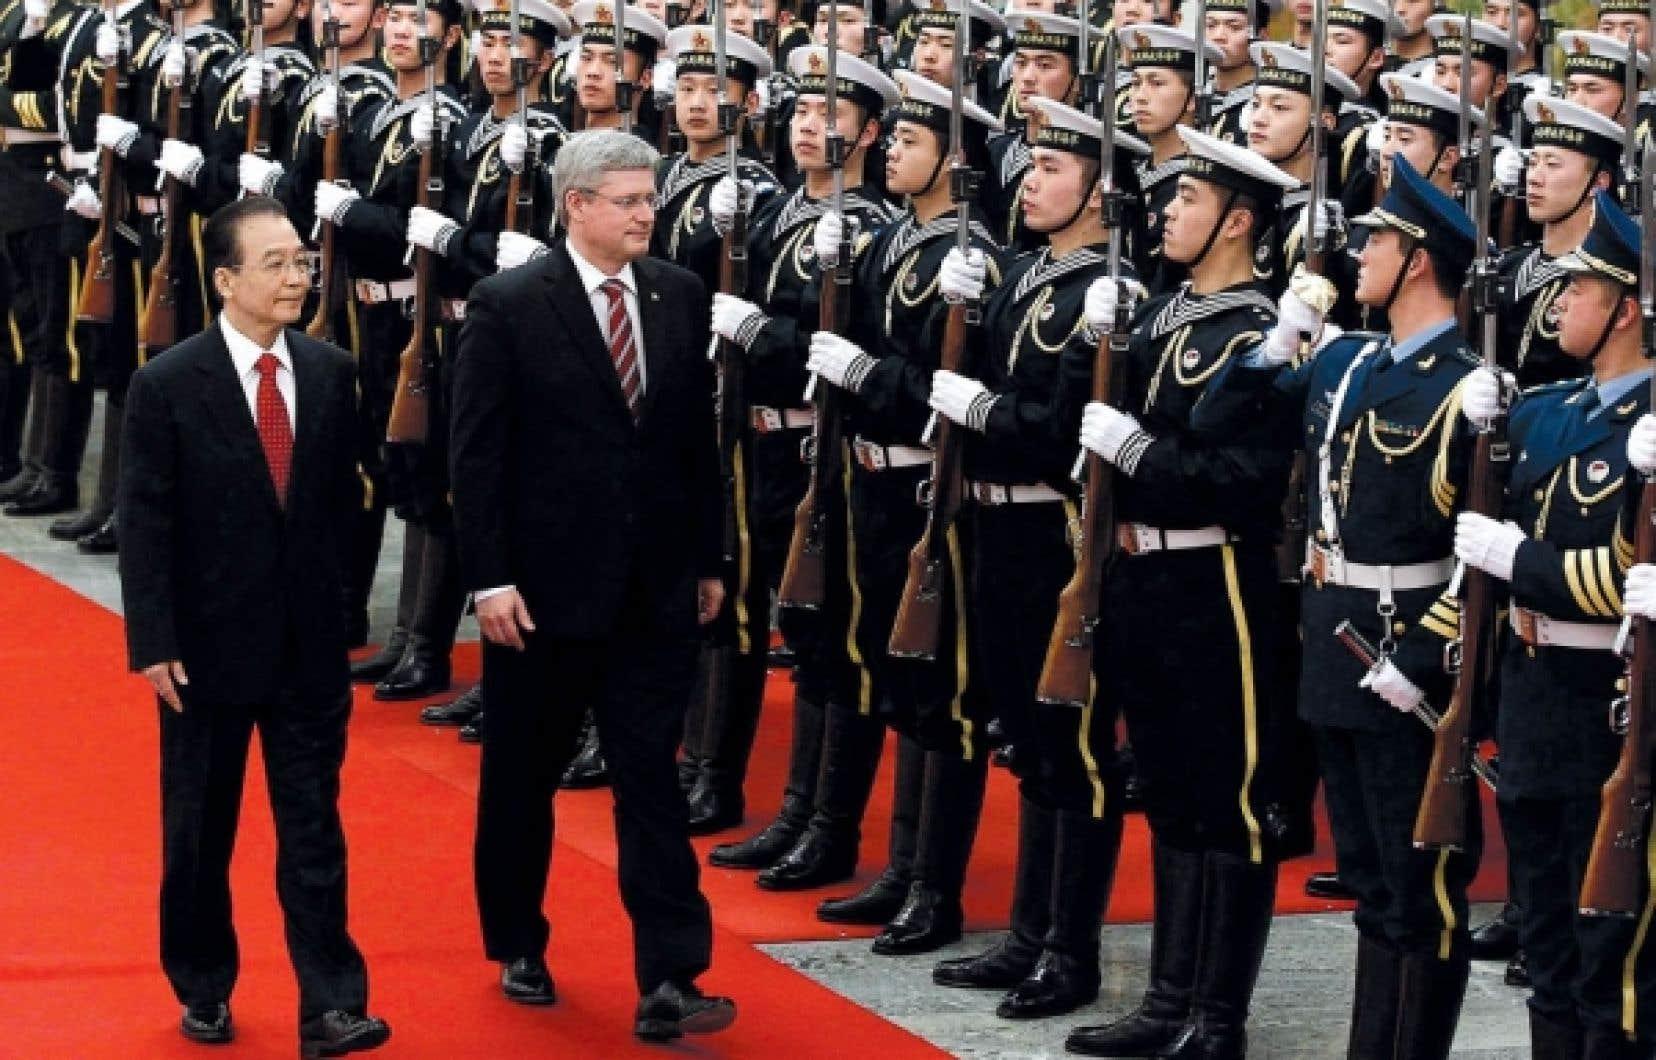 Accompagné de son homologue chinois, Wen Jiabao, le premier ministre du Canada, Stephen Harper, passe en revue la garde d'honneur.<br />